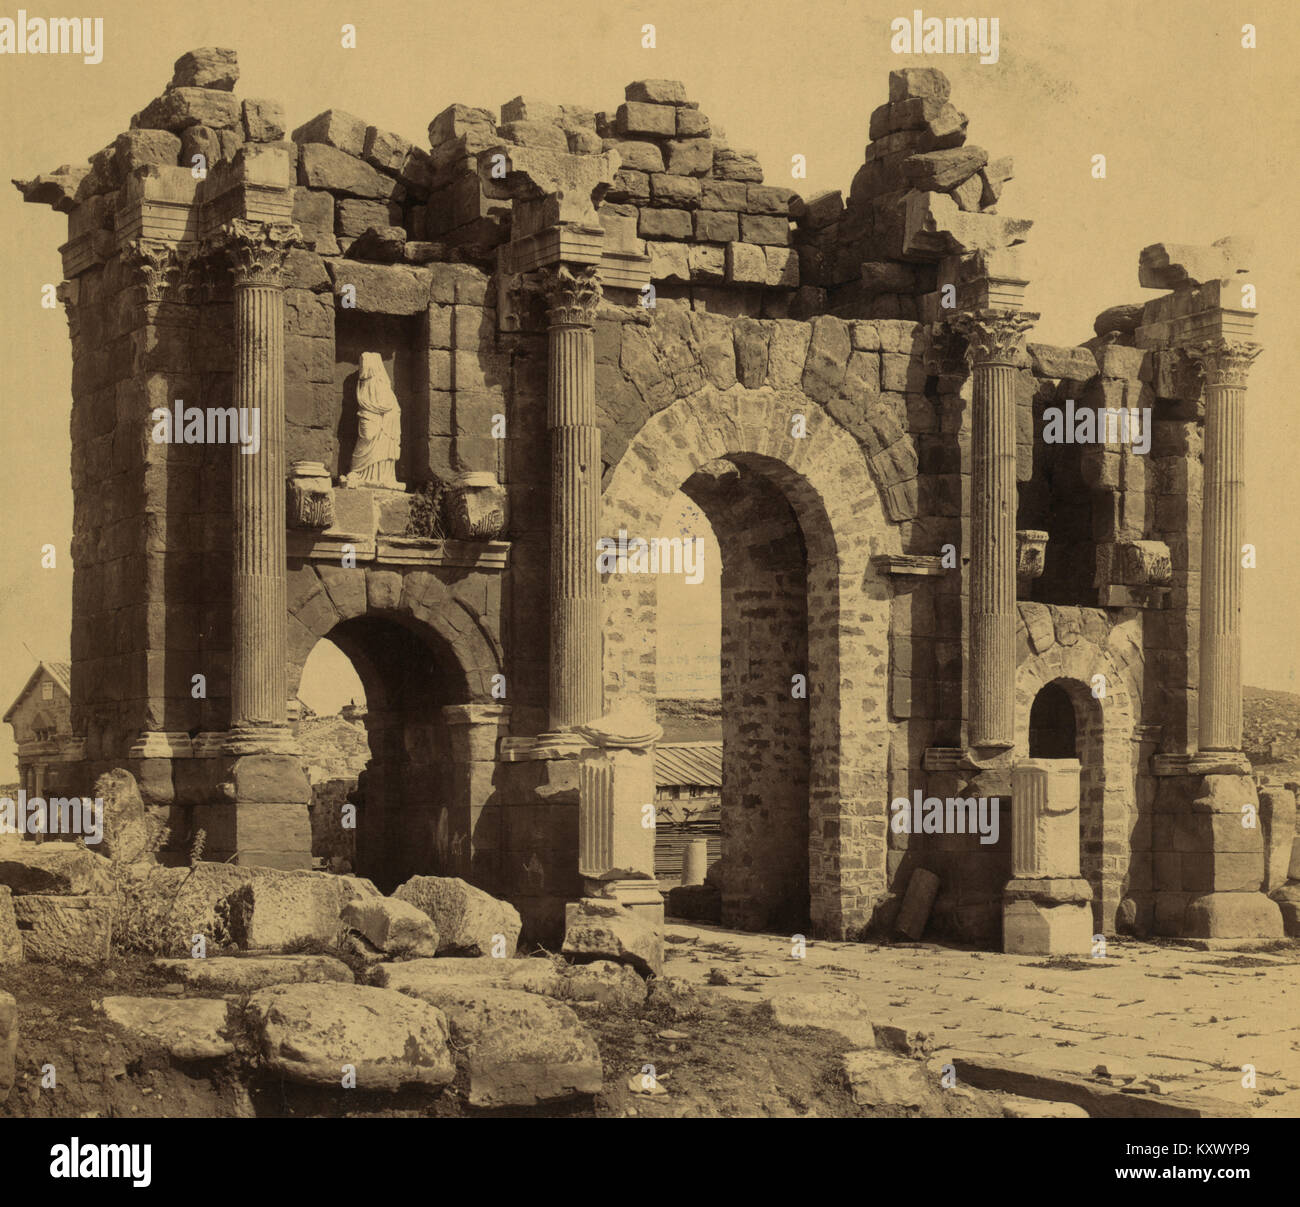 Reste der römischen Triumphbogen des Trajan bei Thamugadi (Timgad), Algerien. Stockbild